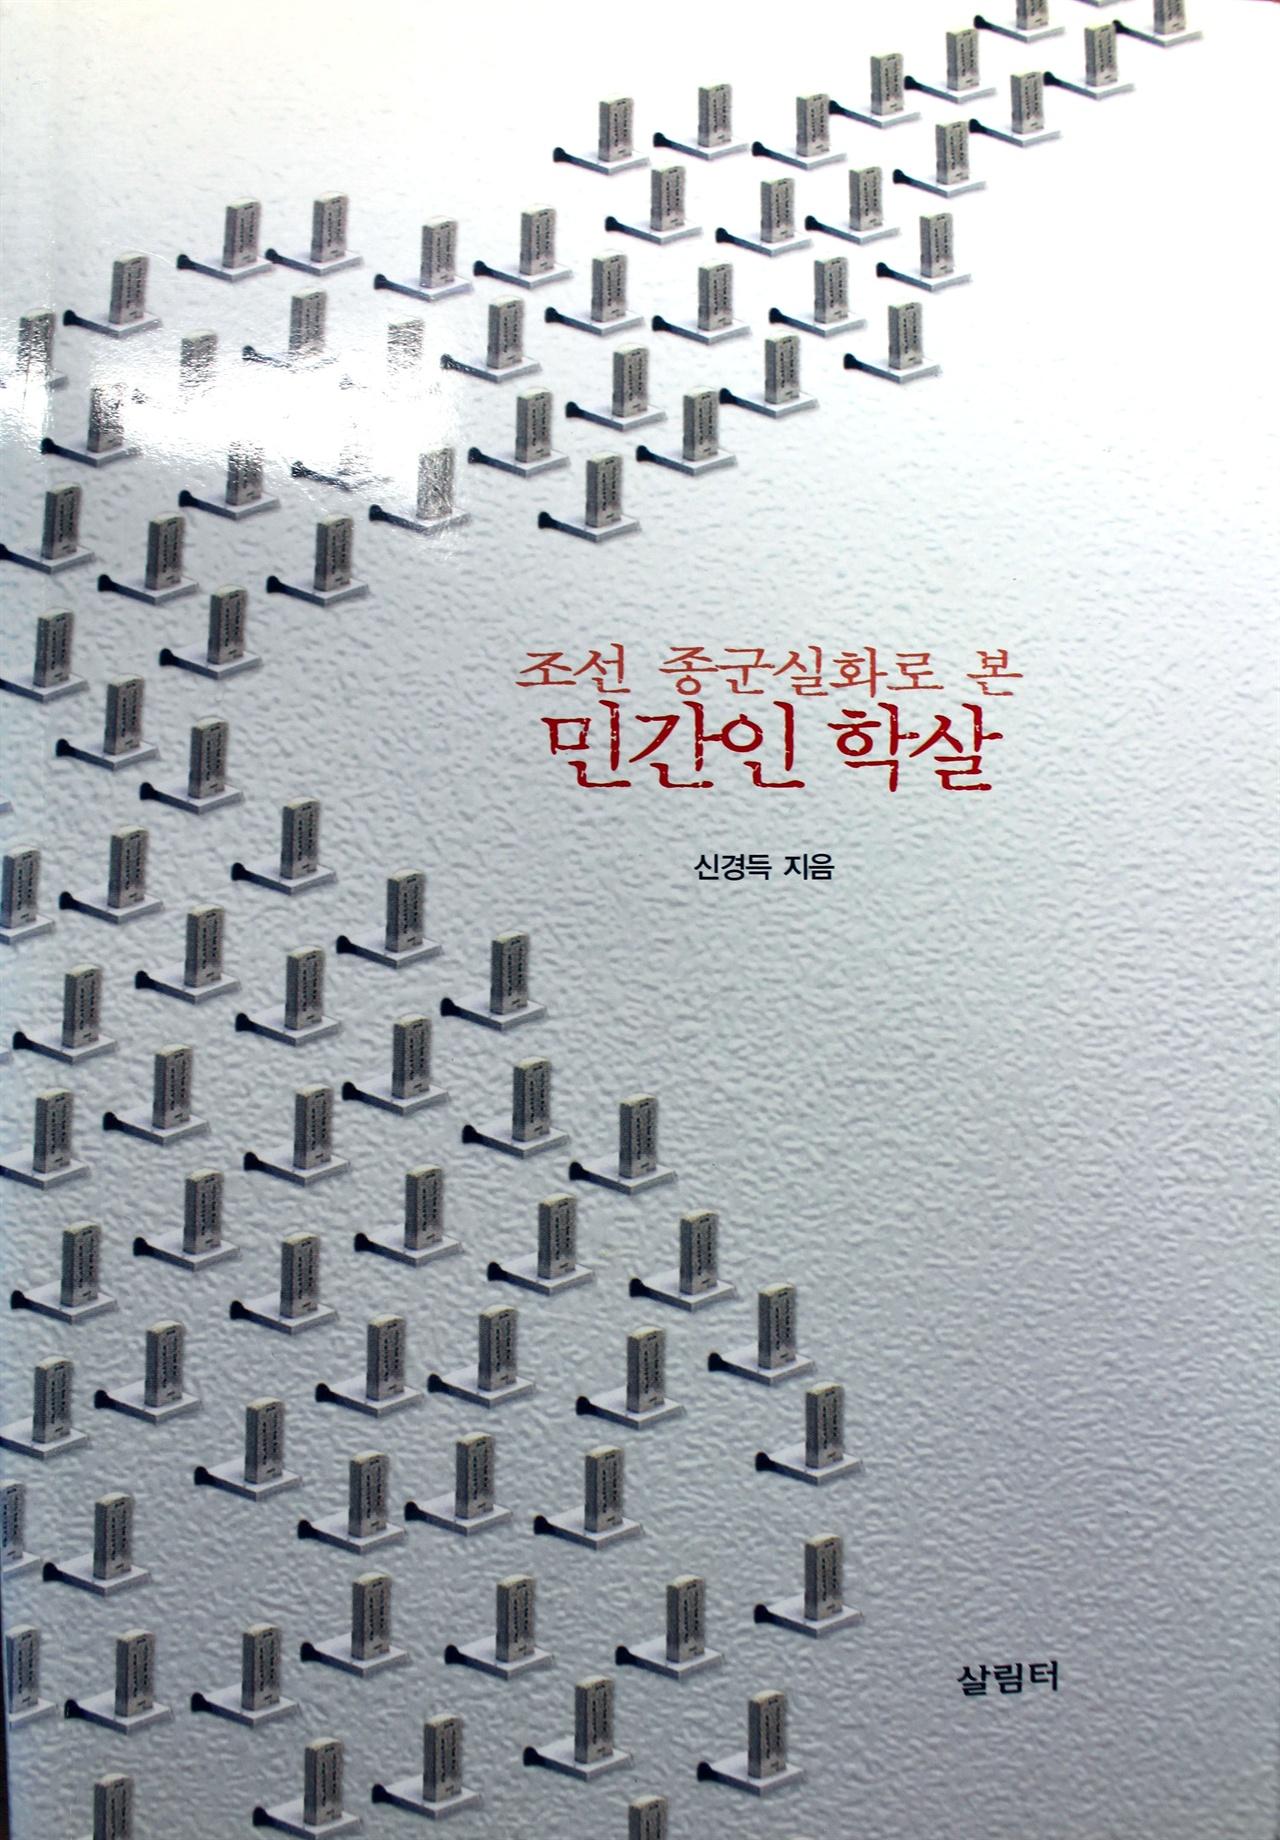 <조선 종군실화로 본 민간인학살> 표지 신경득 교수 저서